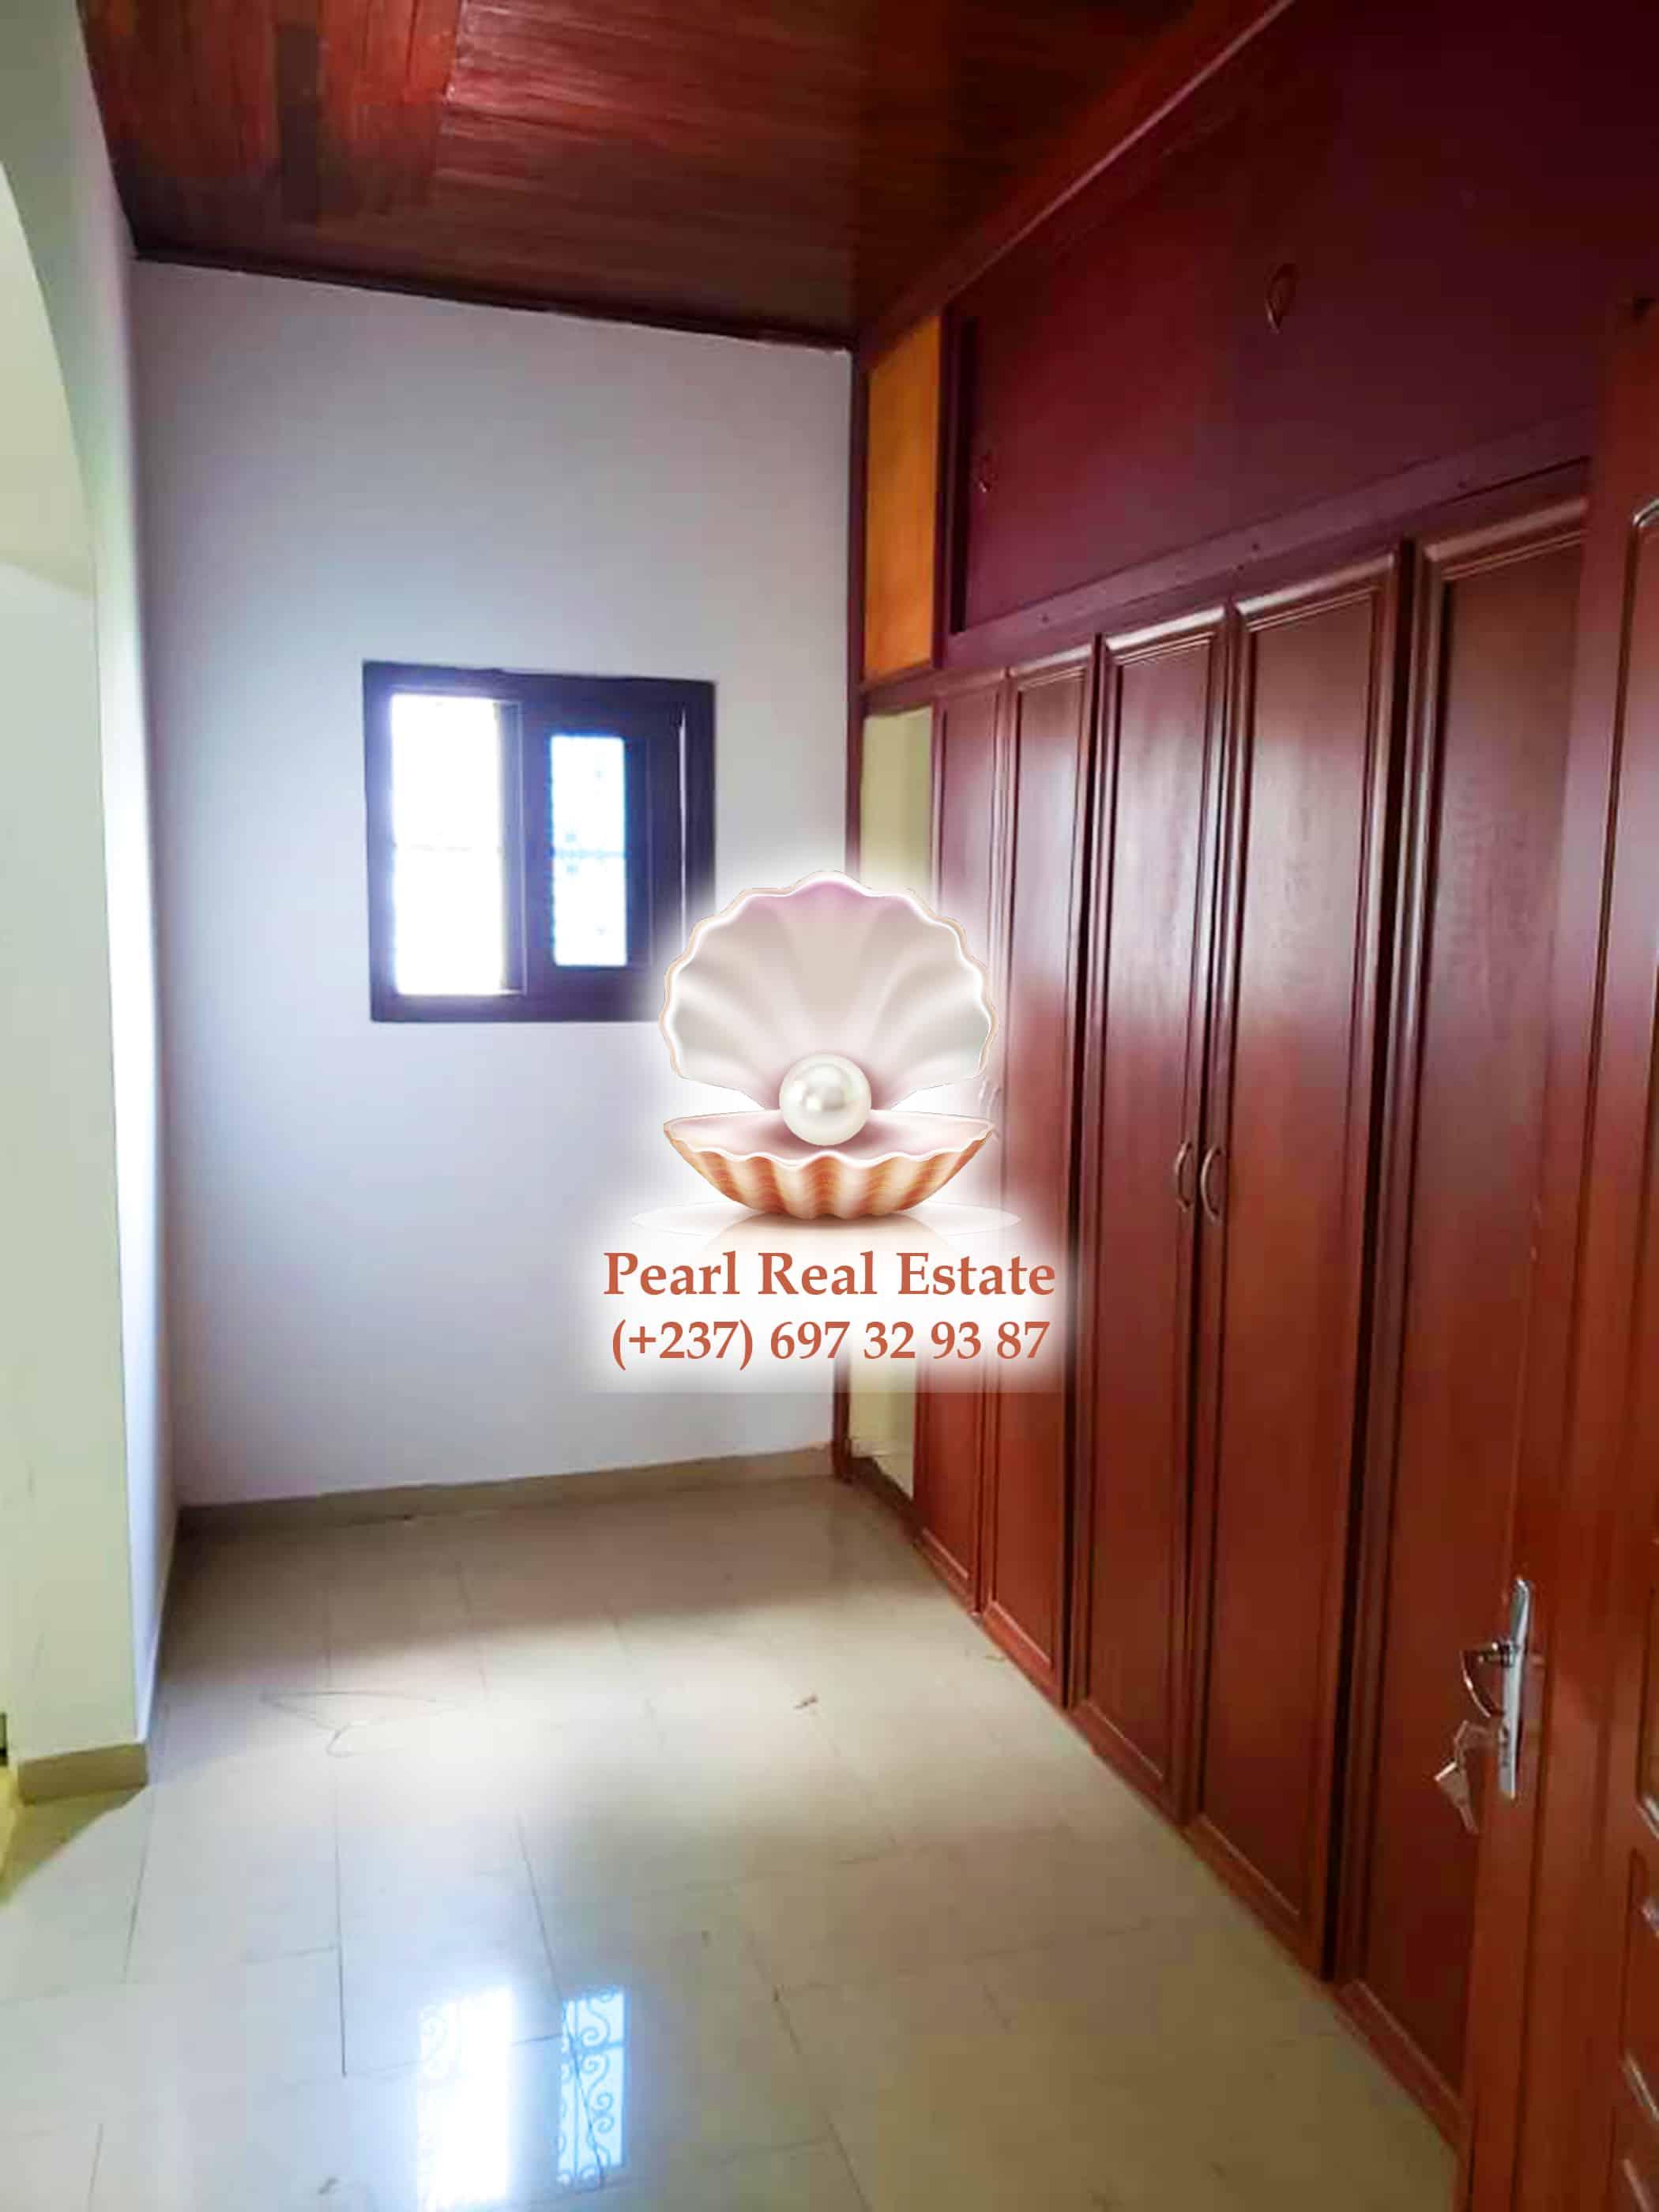 House (Duplex) to rent - Yaoundé, Bastos, Bastos - 2 living room(s), 4 bedroom(s), 4 bathroom(s) - 1 500 000 FCFA / month